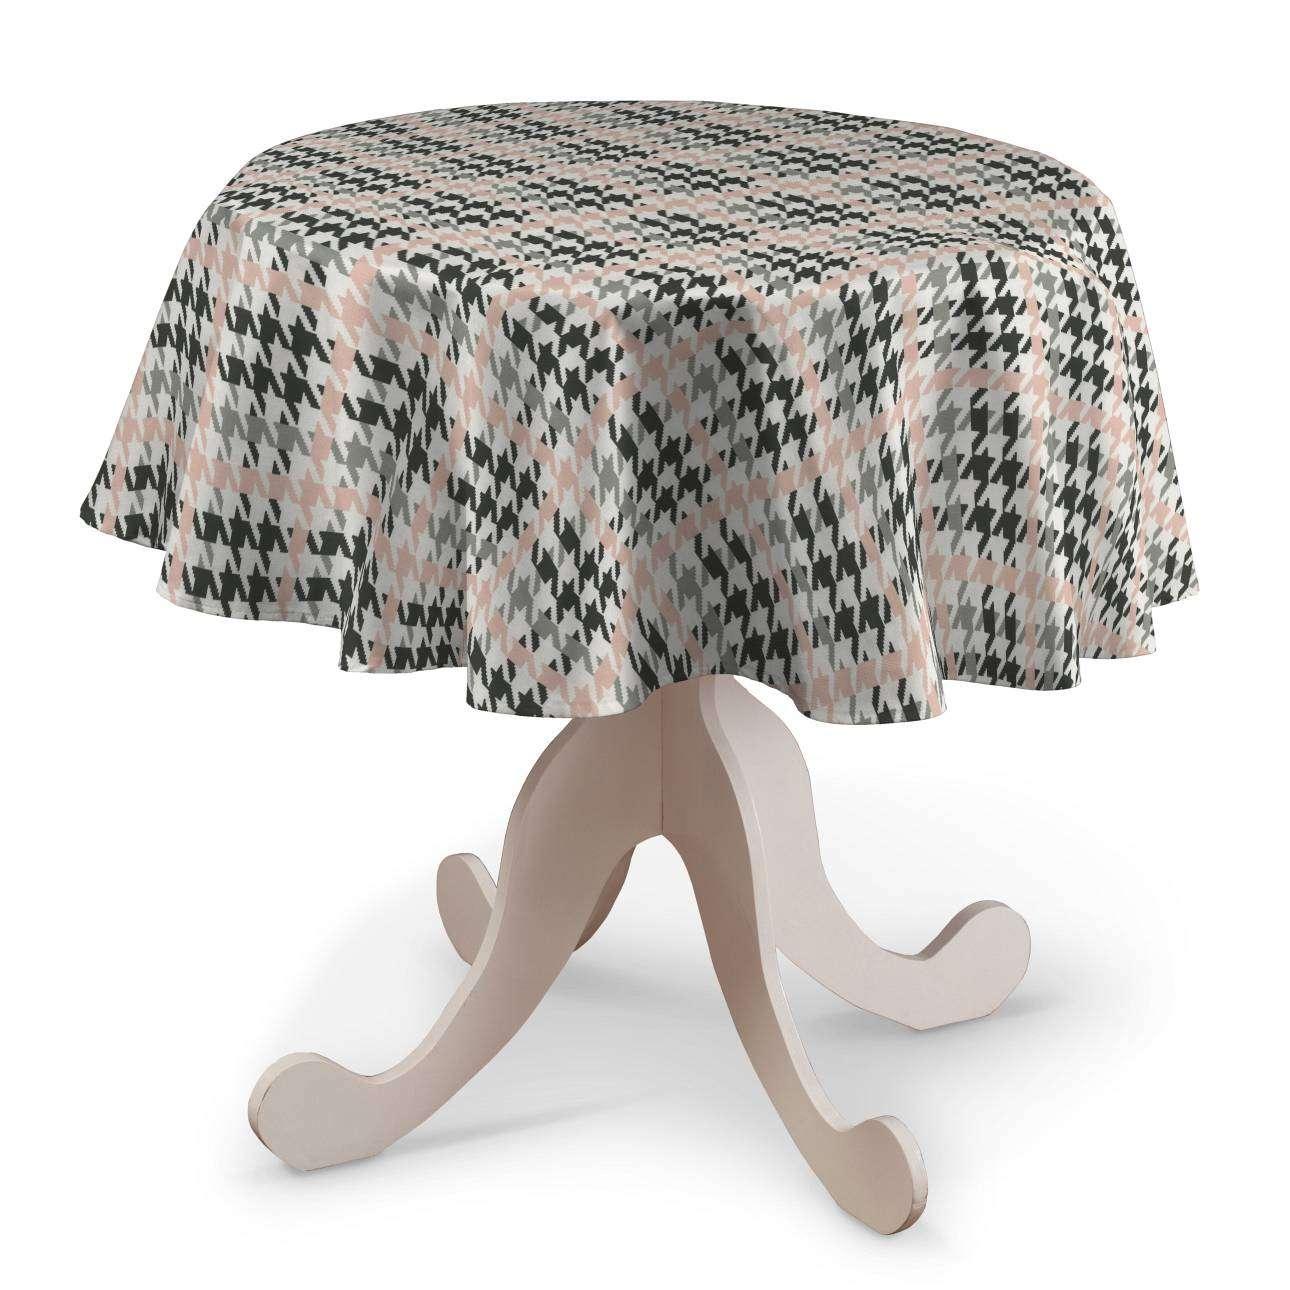 Runde Tischdecke von der Kollektion SALE, Stoff: 137-75